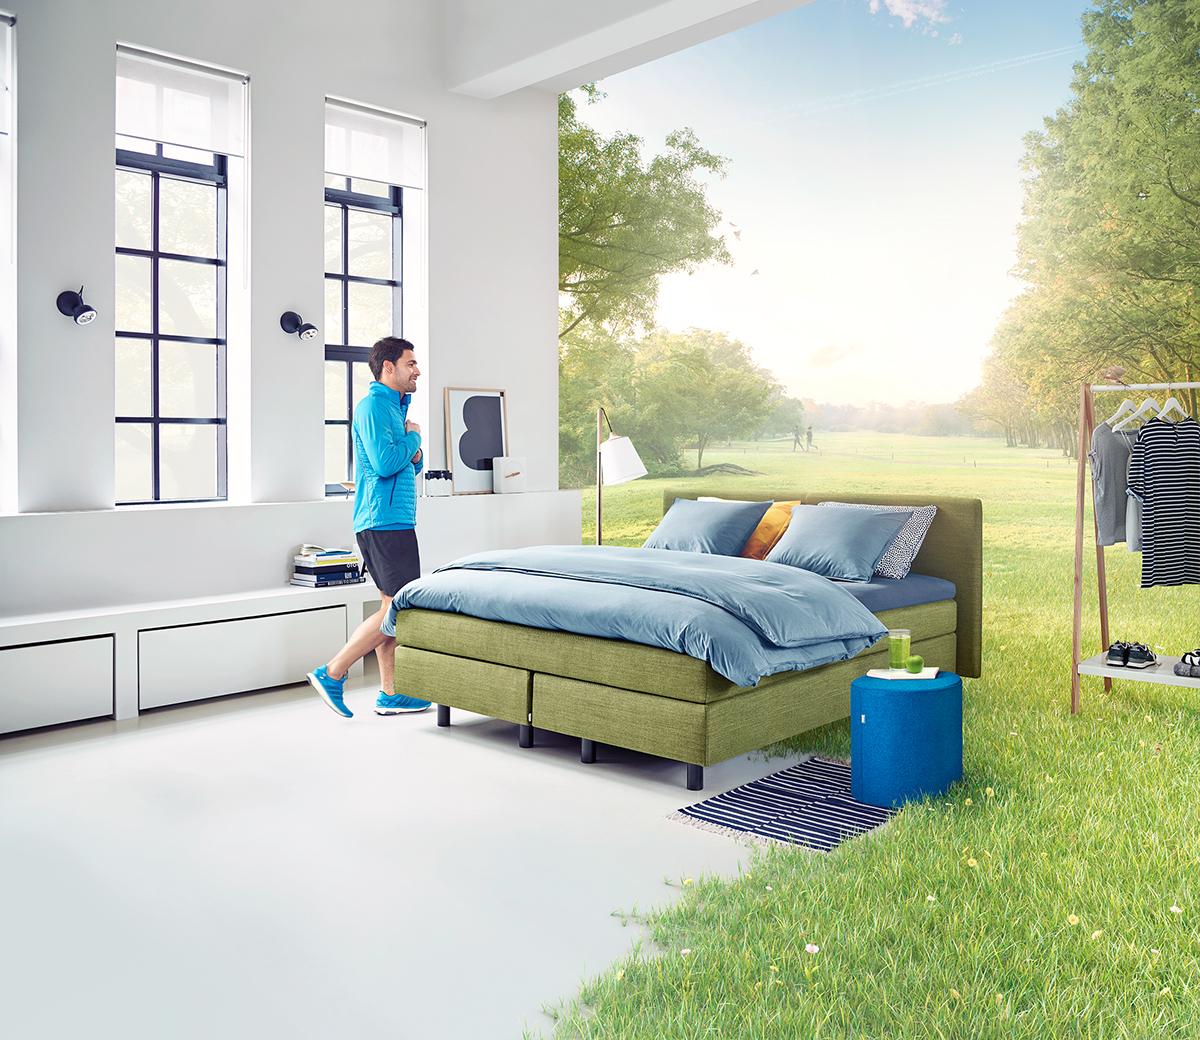 创意环保主题家居广告-设计欣赏-素材中国-online